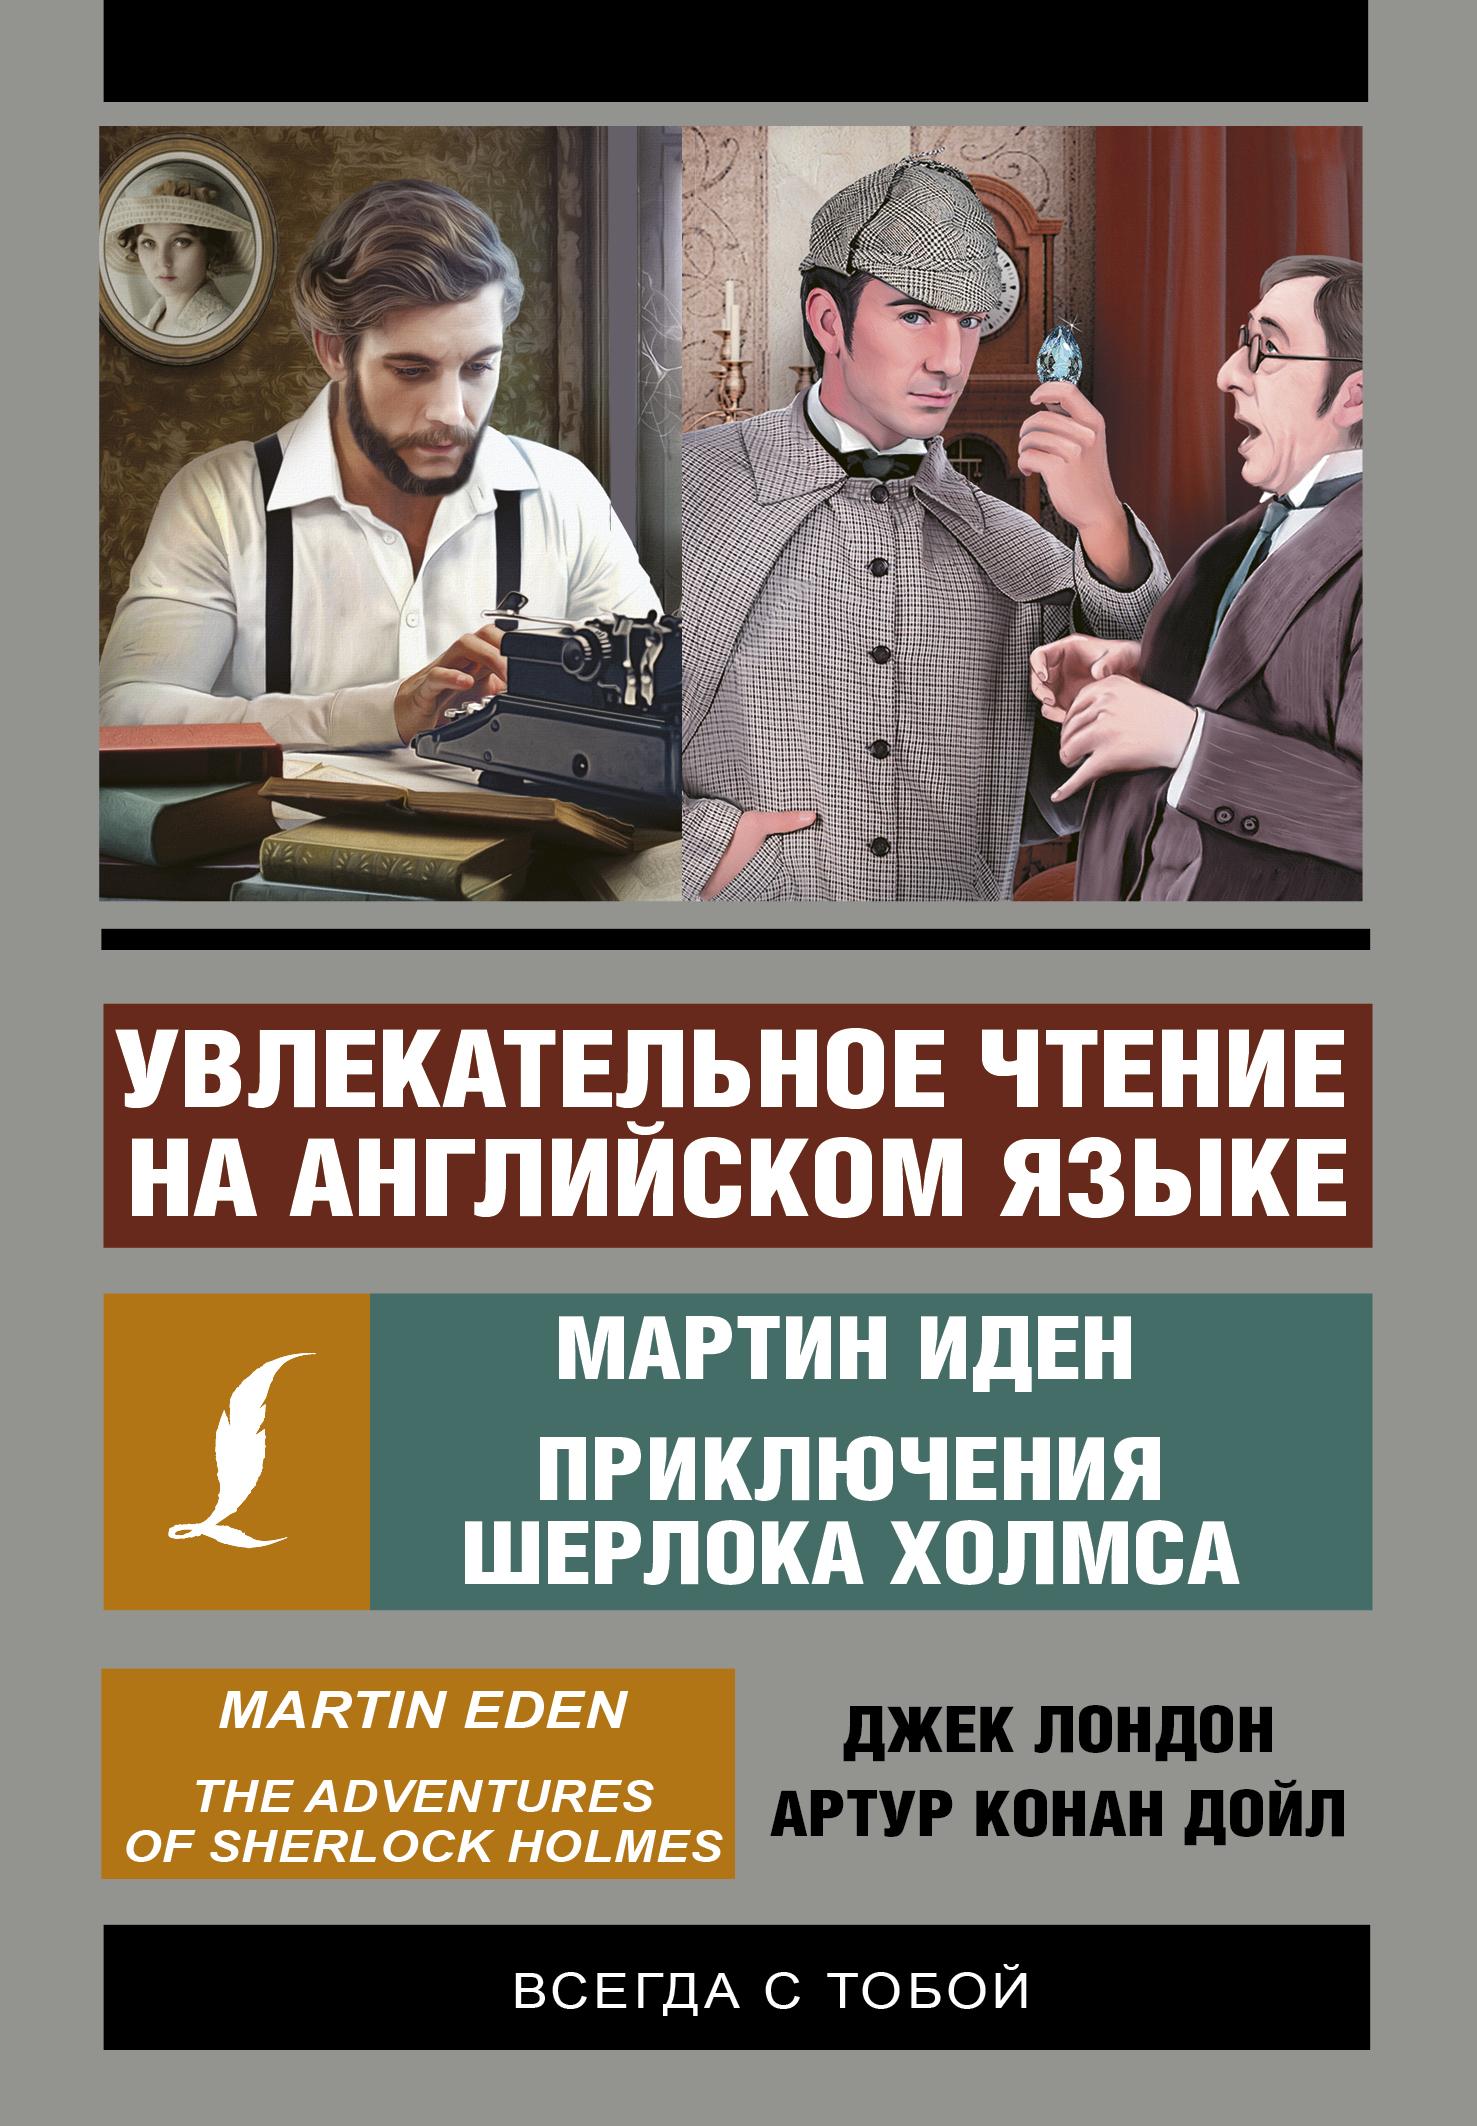 Увлекательное чтение на английском языке. Мартин Иден. Приключения Шерлока Холмса